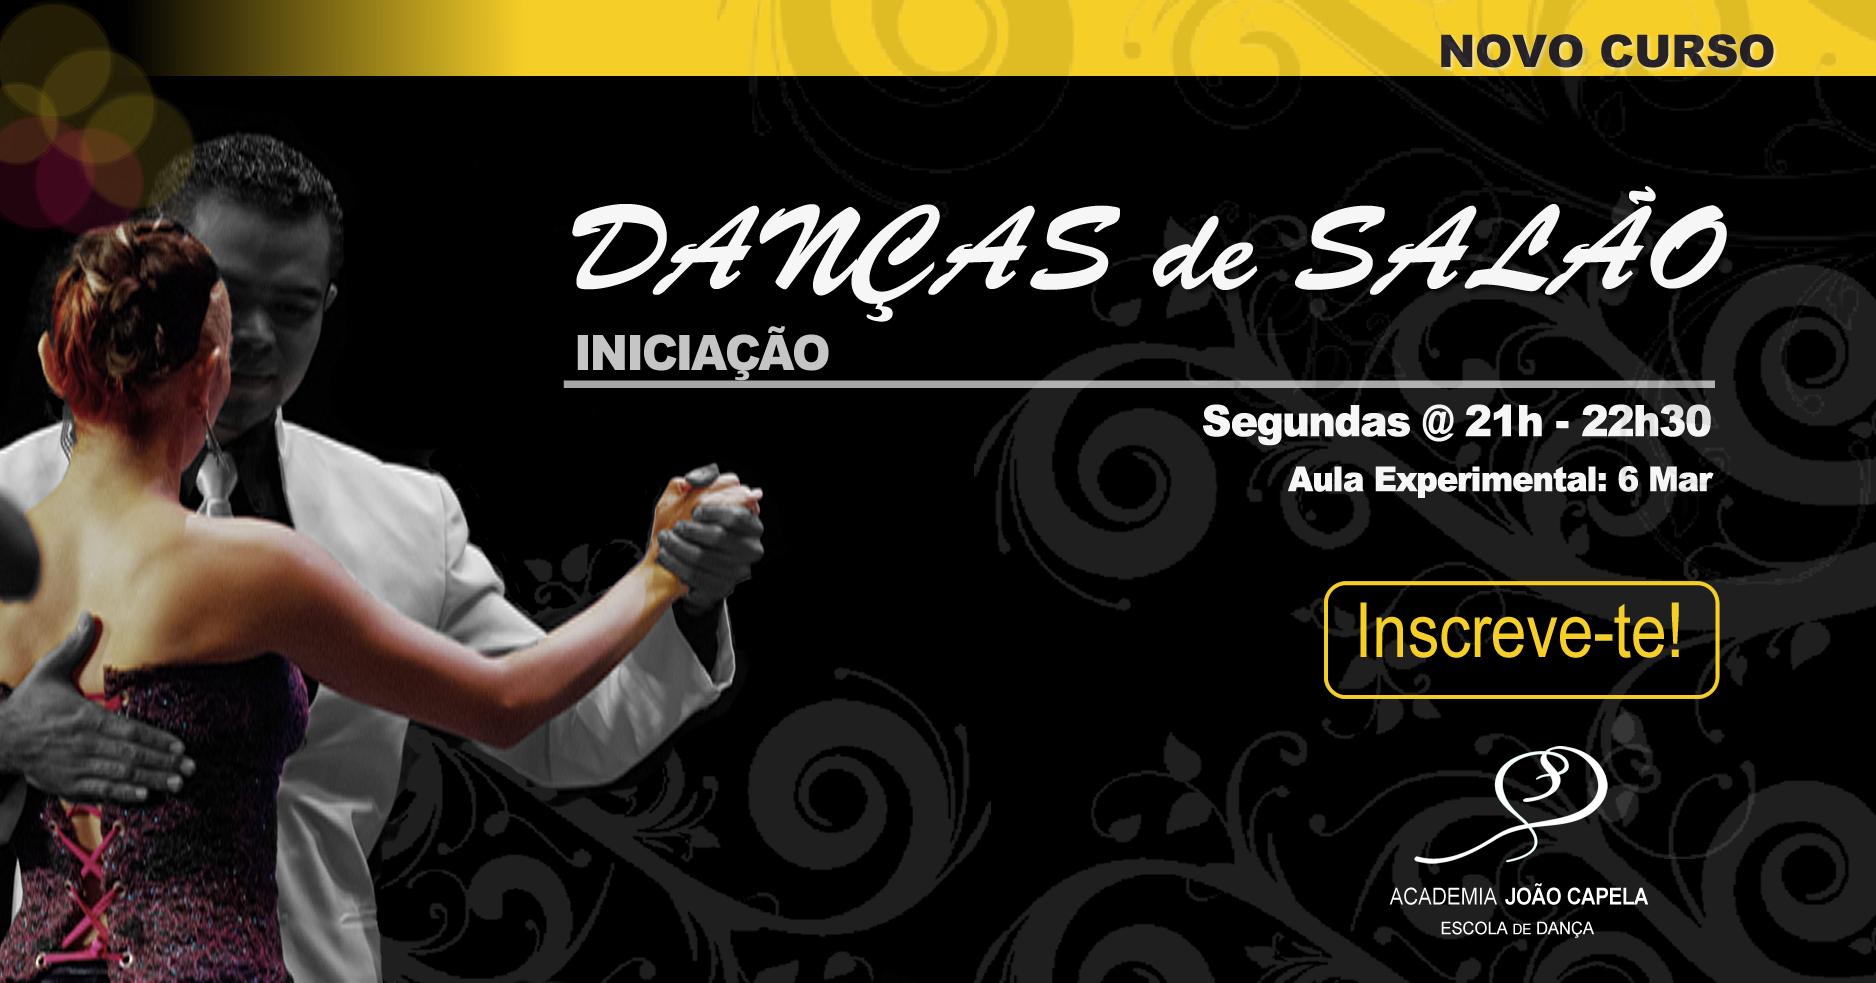 Nova Turma Danças de Salão Iniciação Barcelos